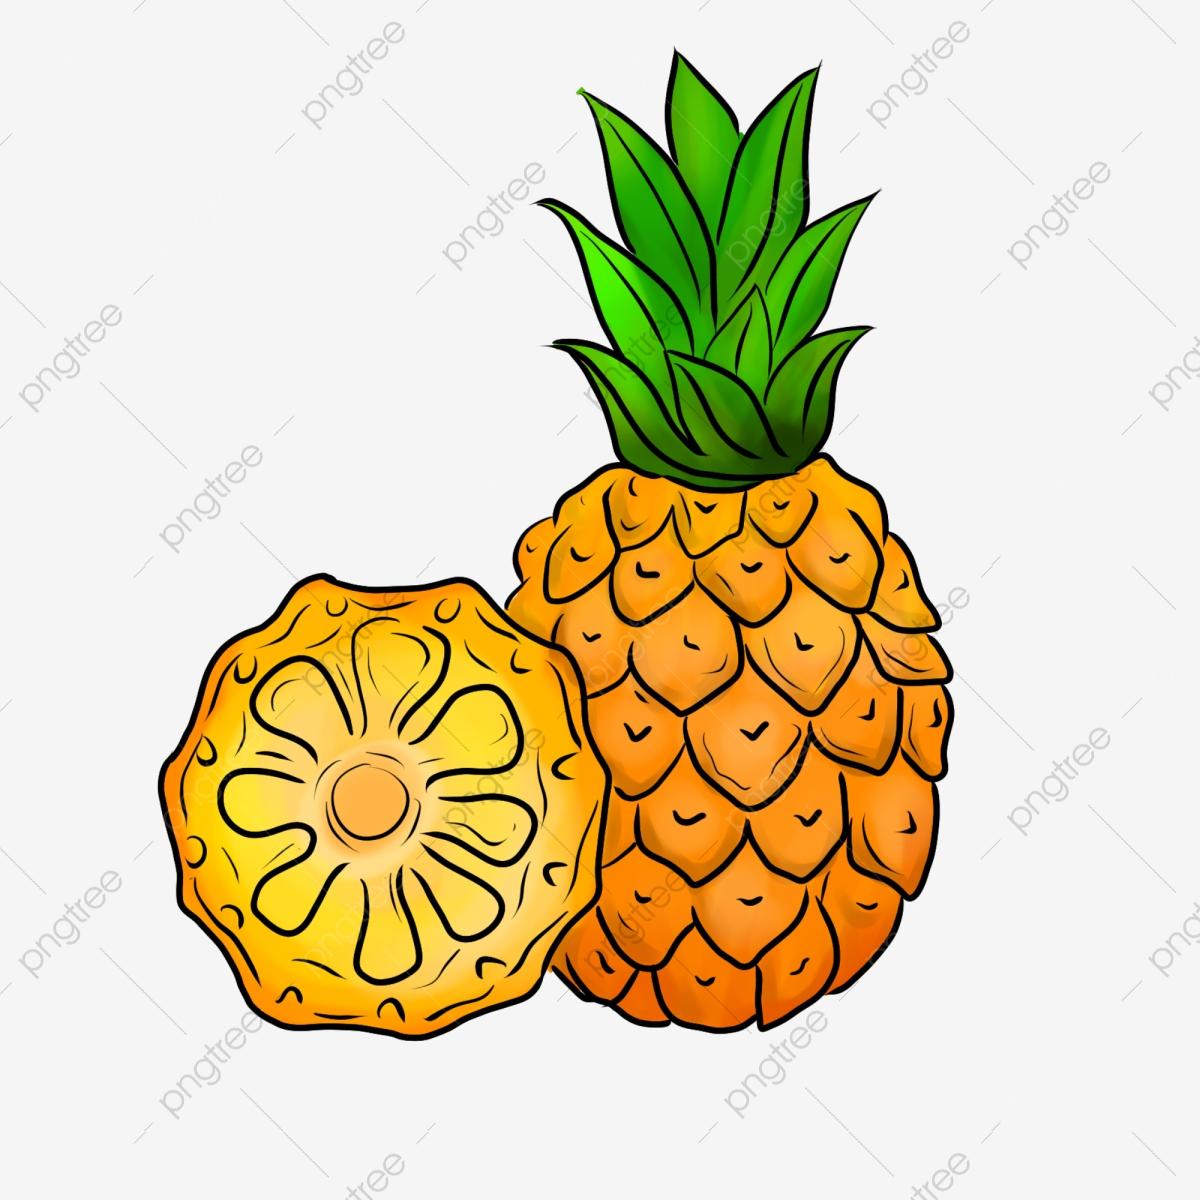 Yellow Pineapple Juice Illustration Cartoon Pineapple Fruit.